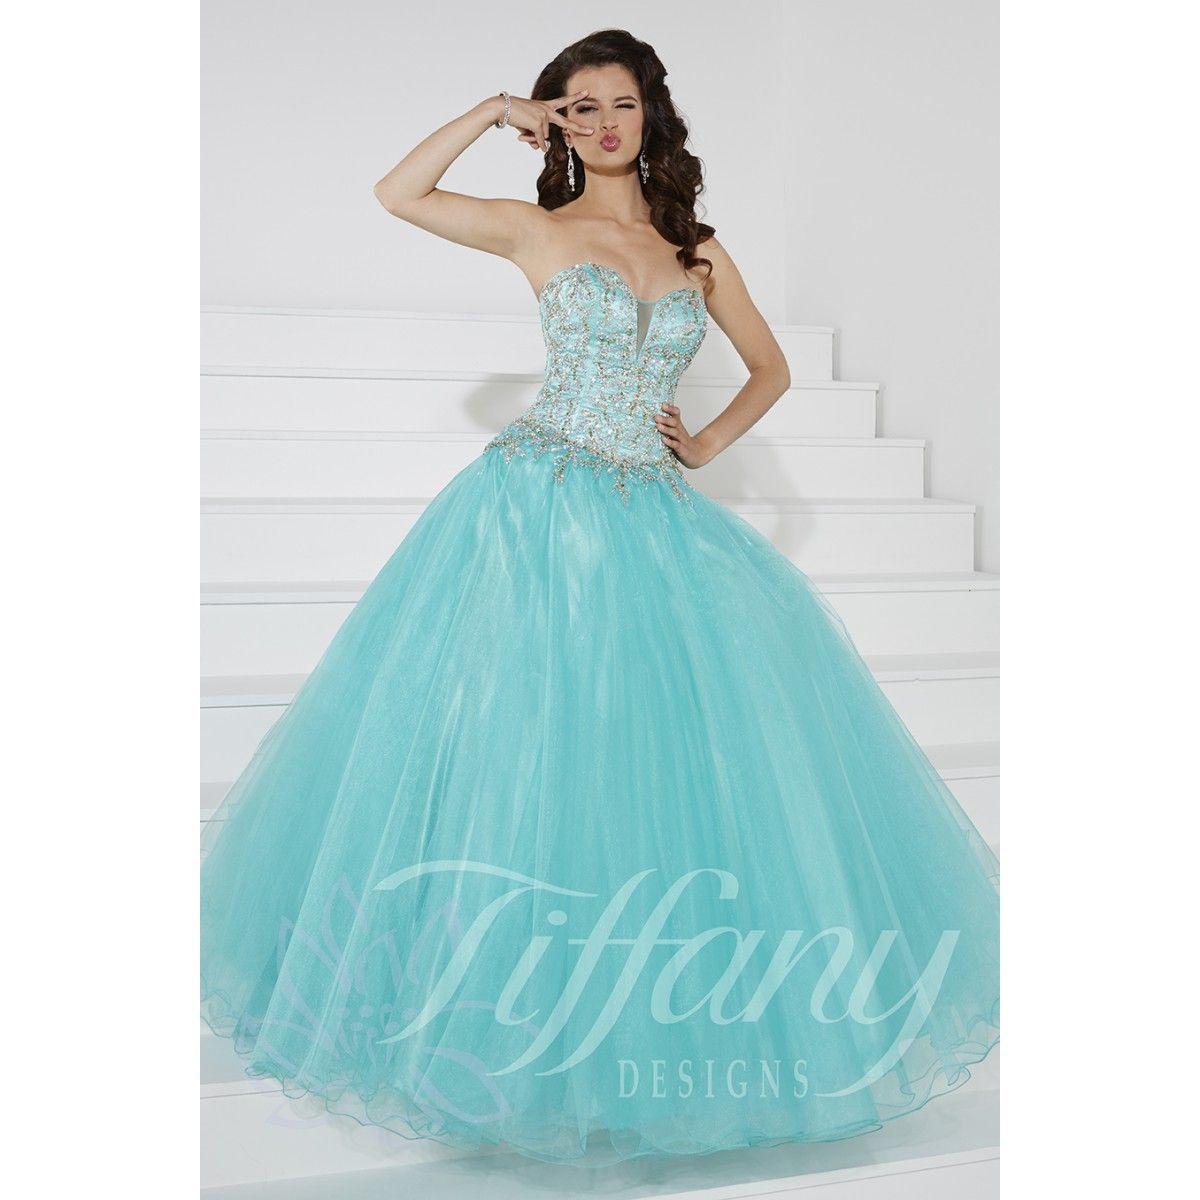 Tiffany design style tiffany designs tiffany designs fall